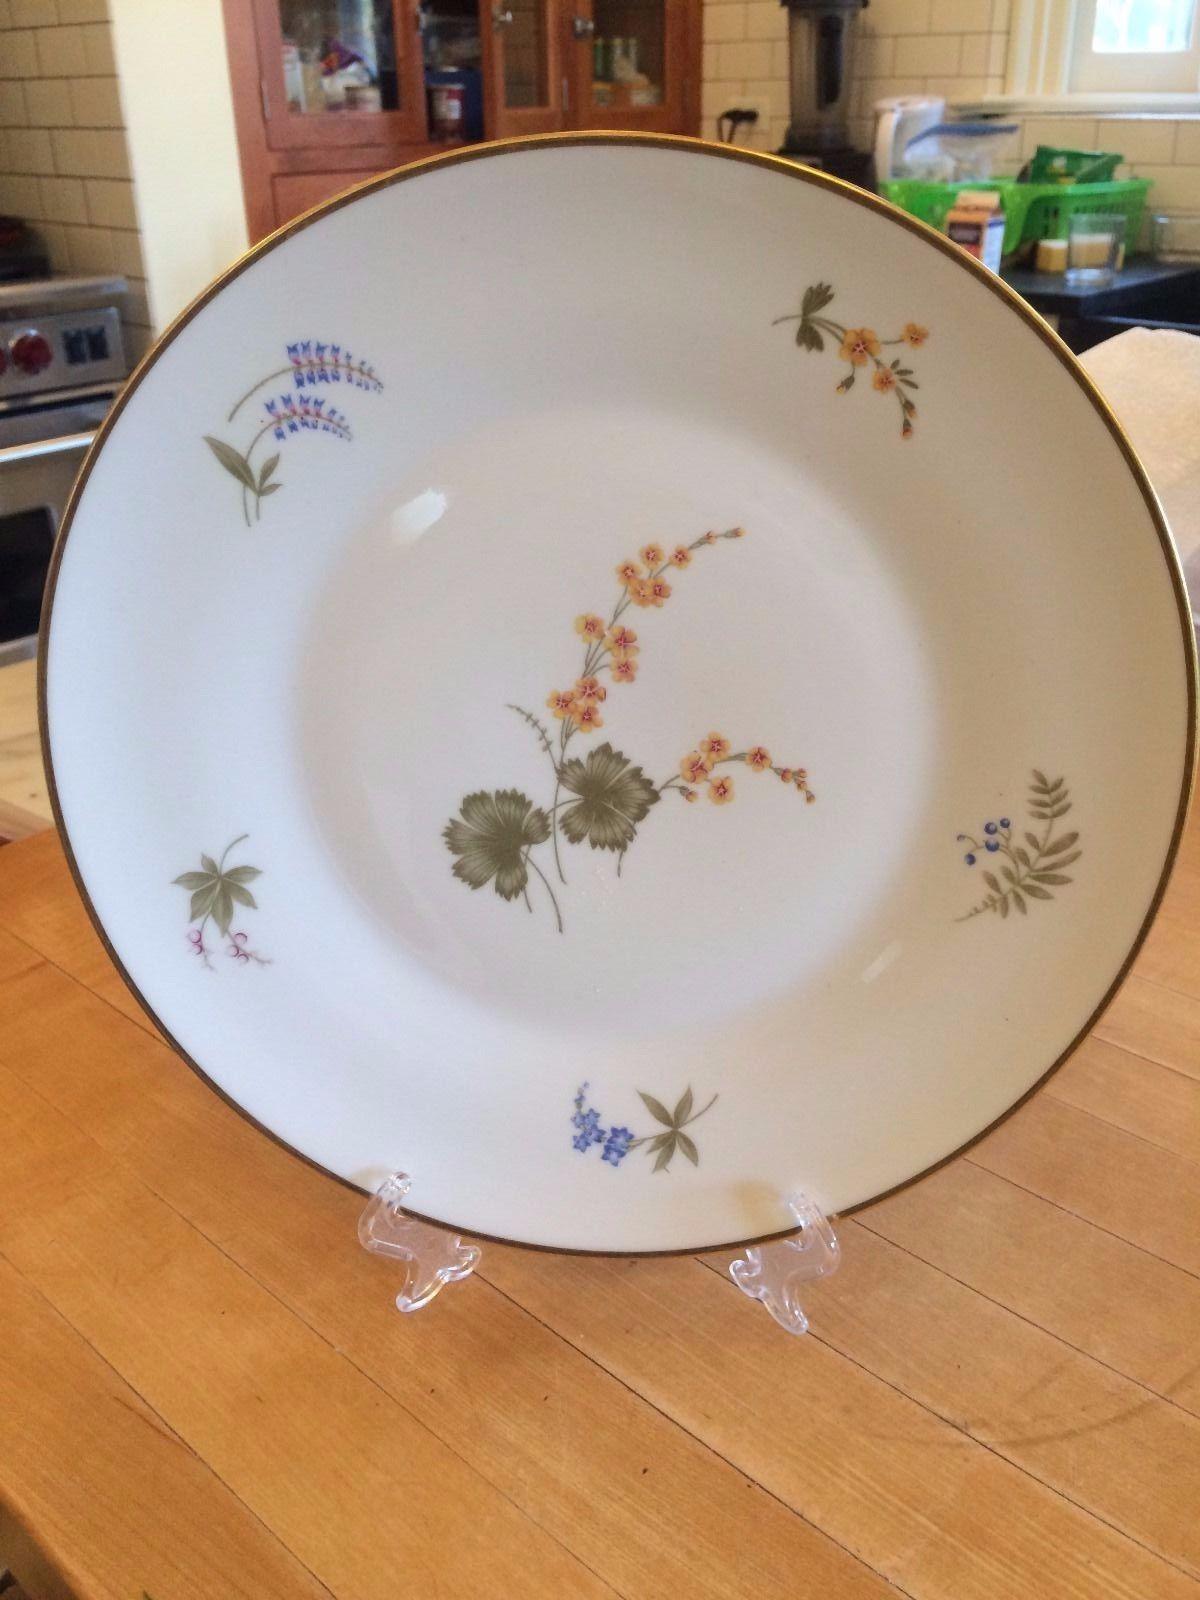 12 Richard Ginori Dinner Plate GIN171 Fine Italian China. & RICHARD GINORI Vecchio Bianco White Square Dinner Plate 10.75